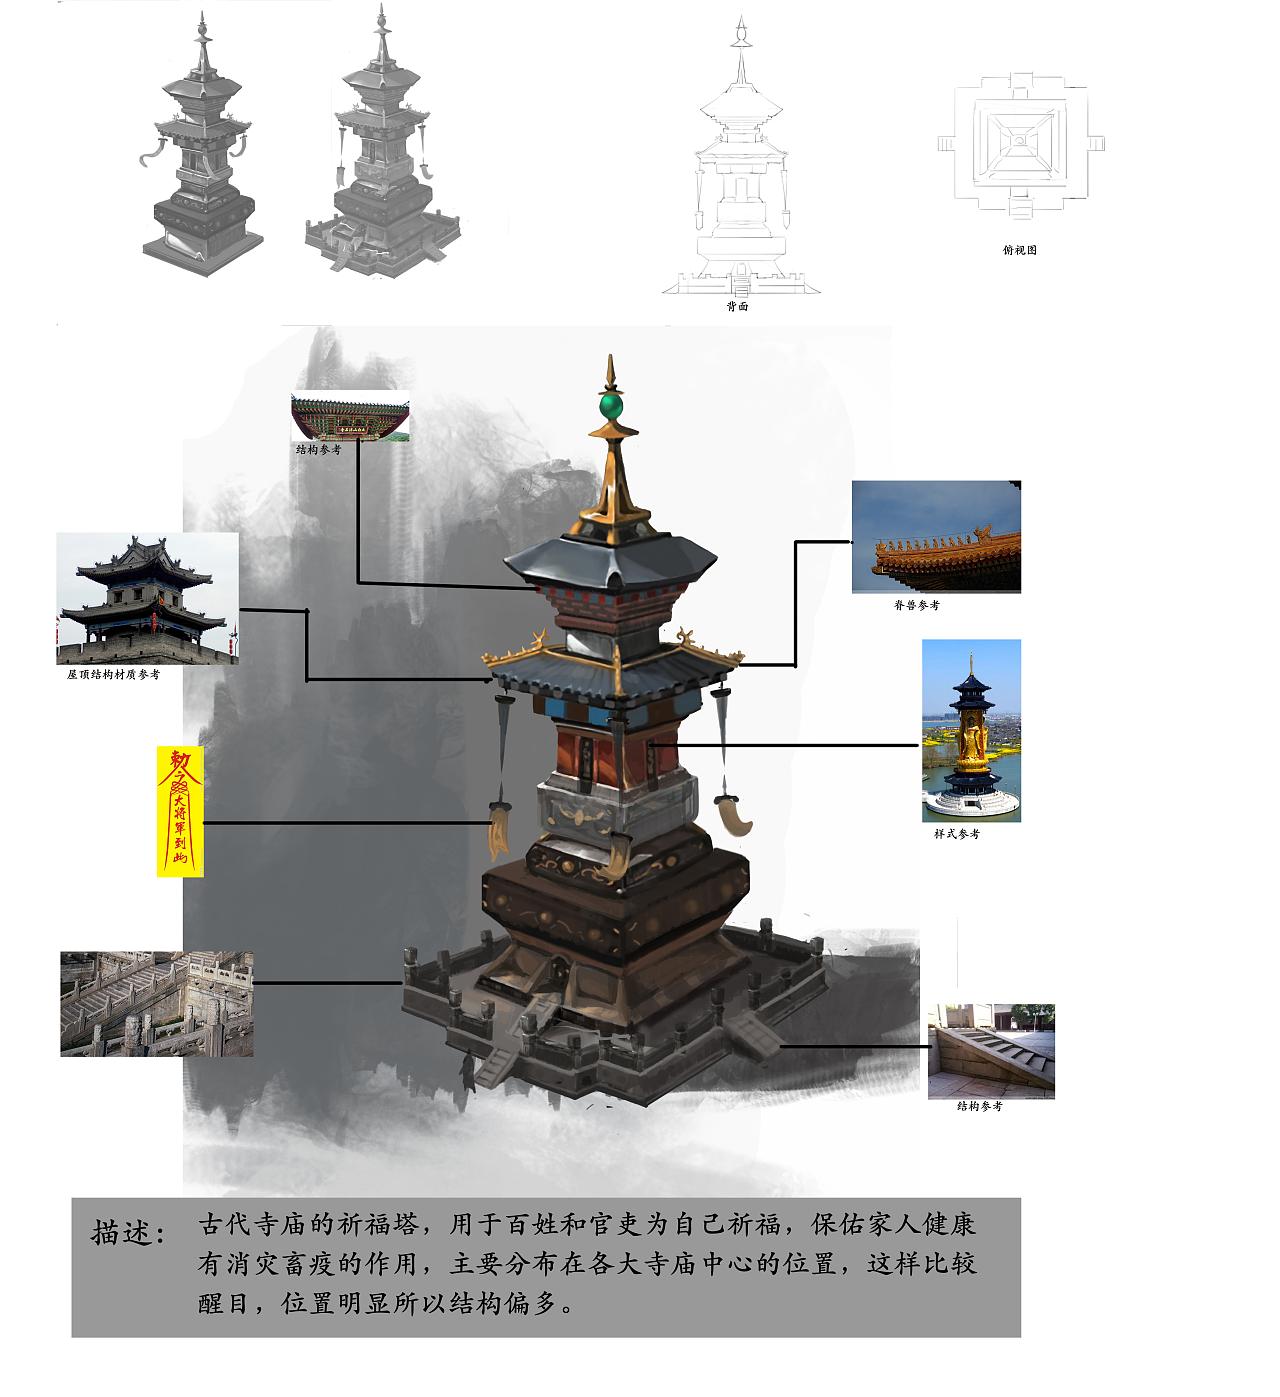 中国风游戏场景物件设计